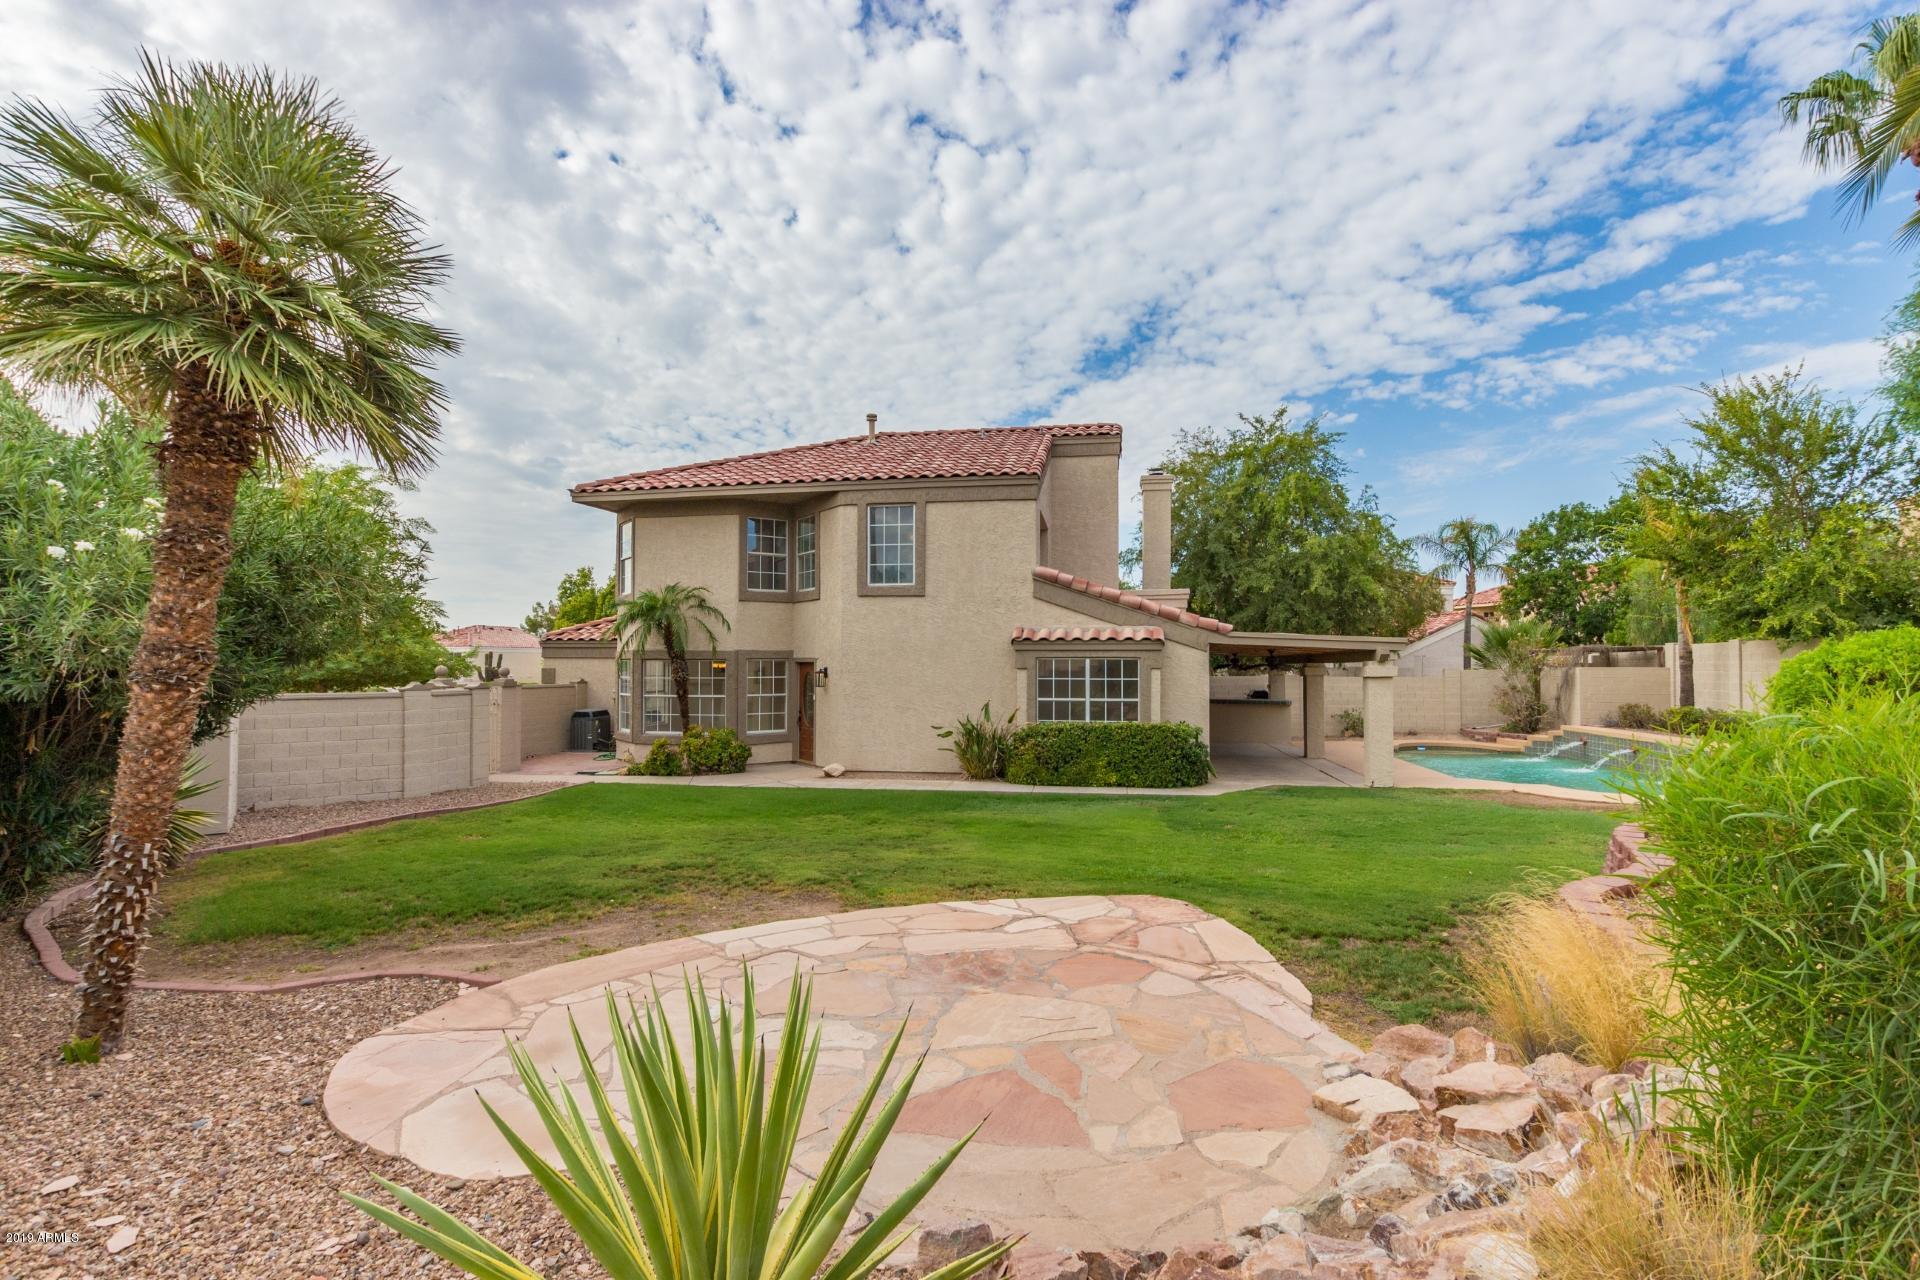 Photo of 15834 S 33RD Way, Phoenix, AZ 85048